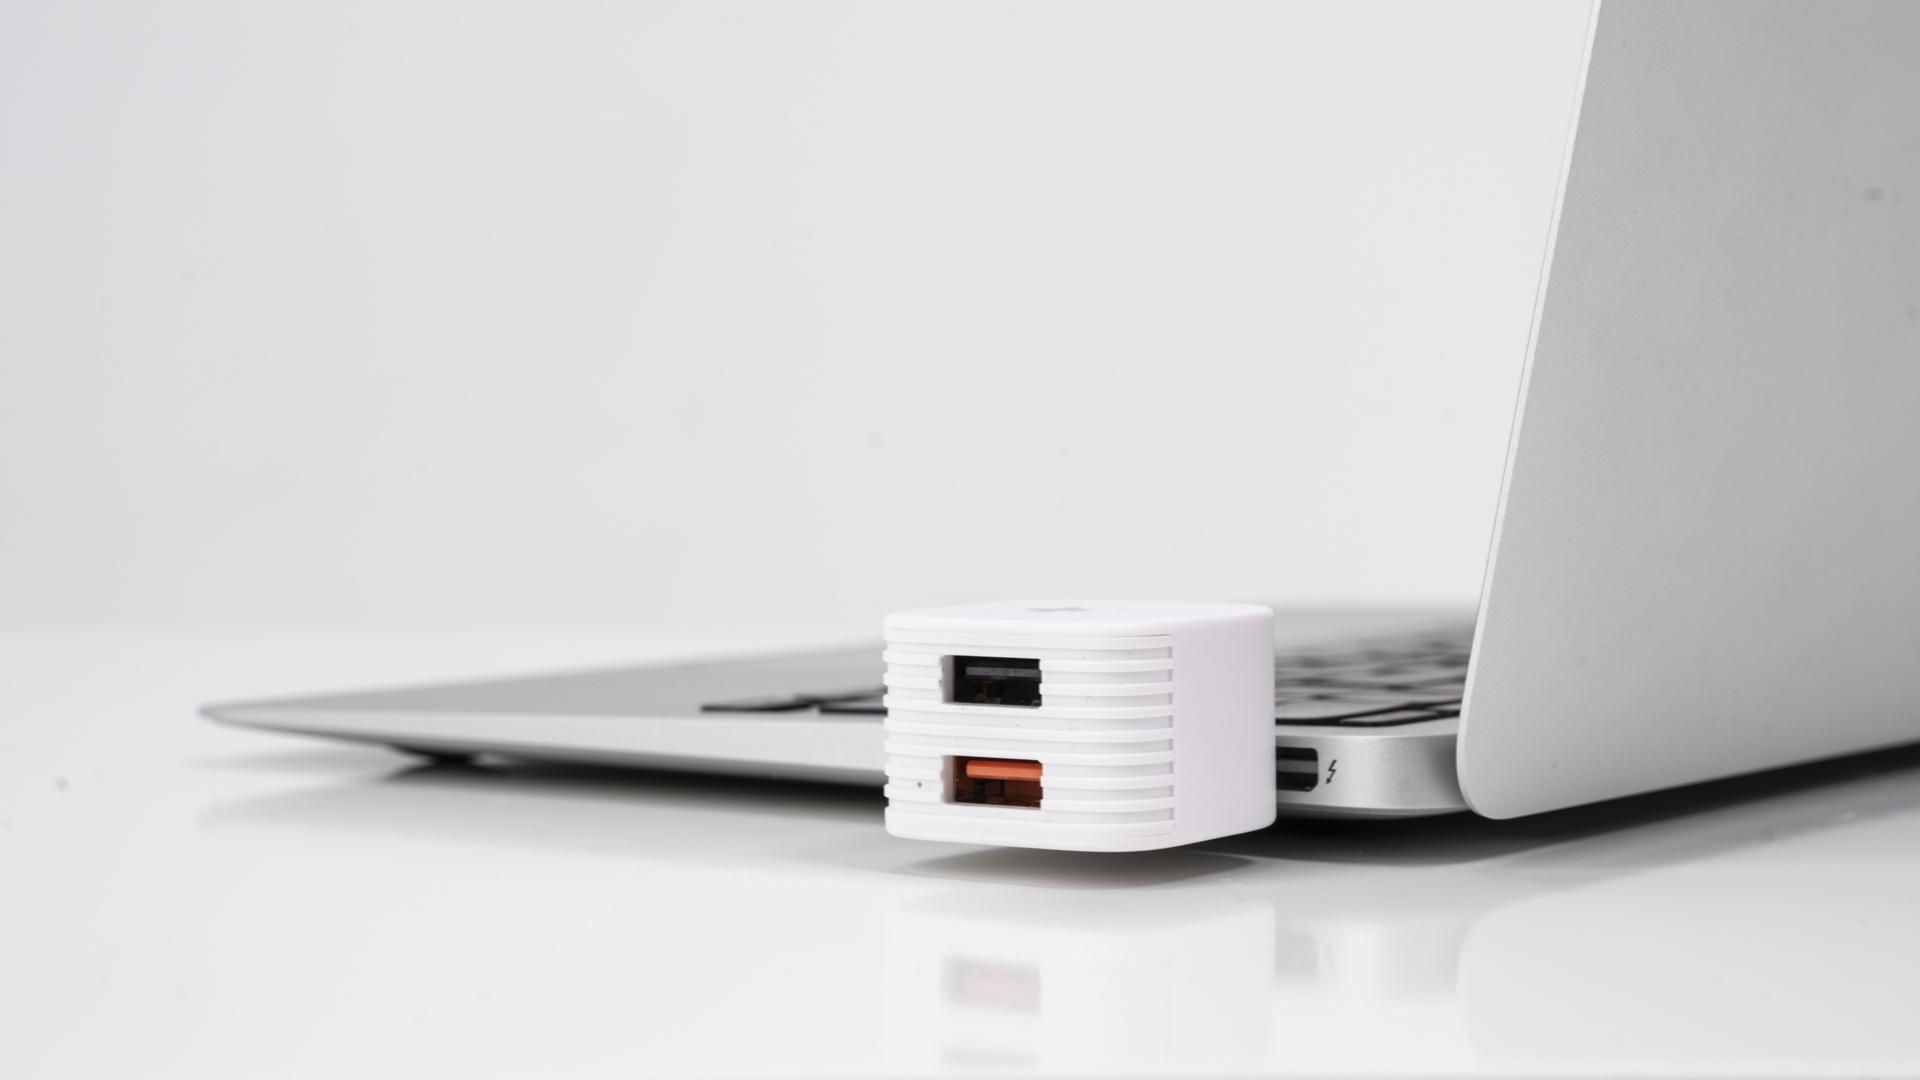 Thiết bị sạc và lưu trữ hình ảnh, video, dữ liệu HyperCube dành cho Iphone, Ipad và thiết bị Android thương hiệu Hyper HyperDrive - Hàng chính hãng